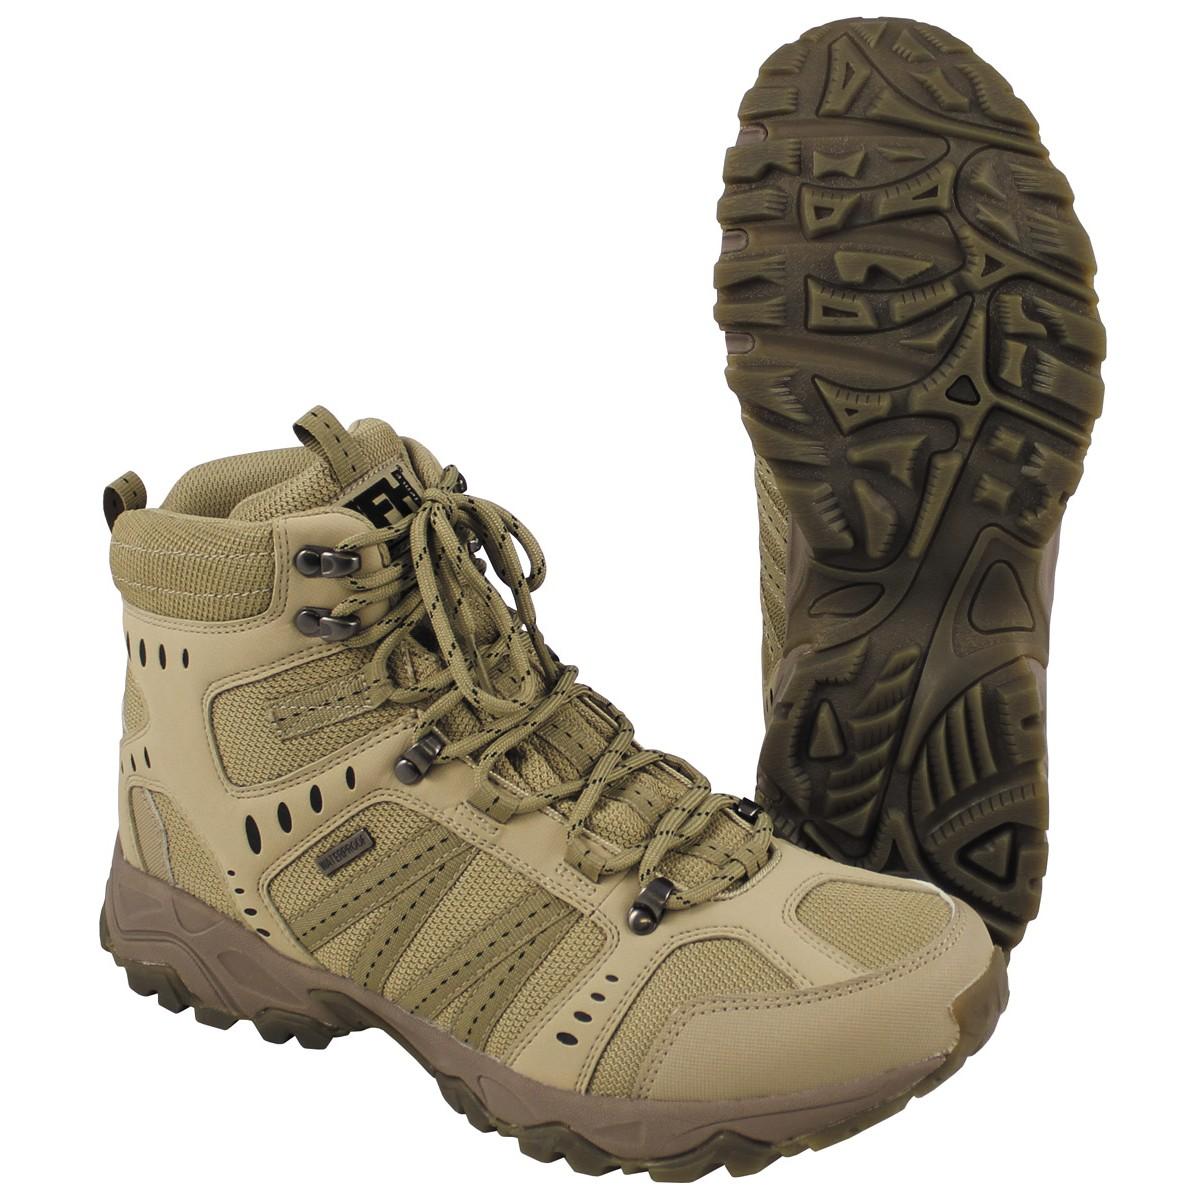 Combat Boots Tactical coyote tan 18833R